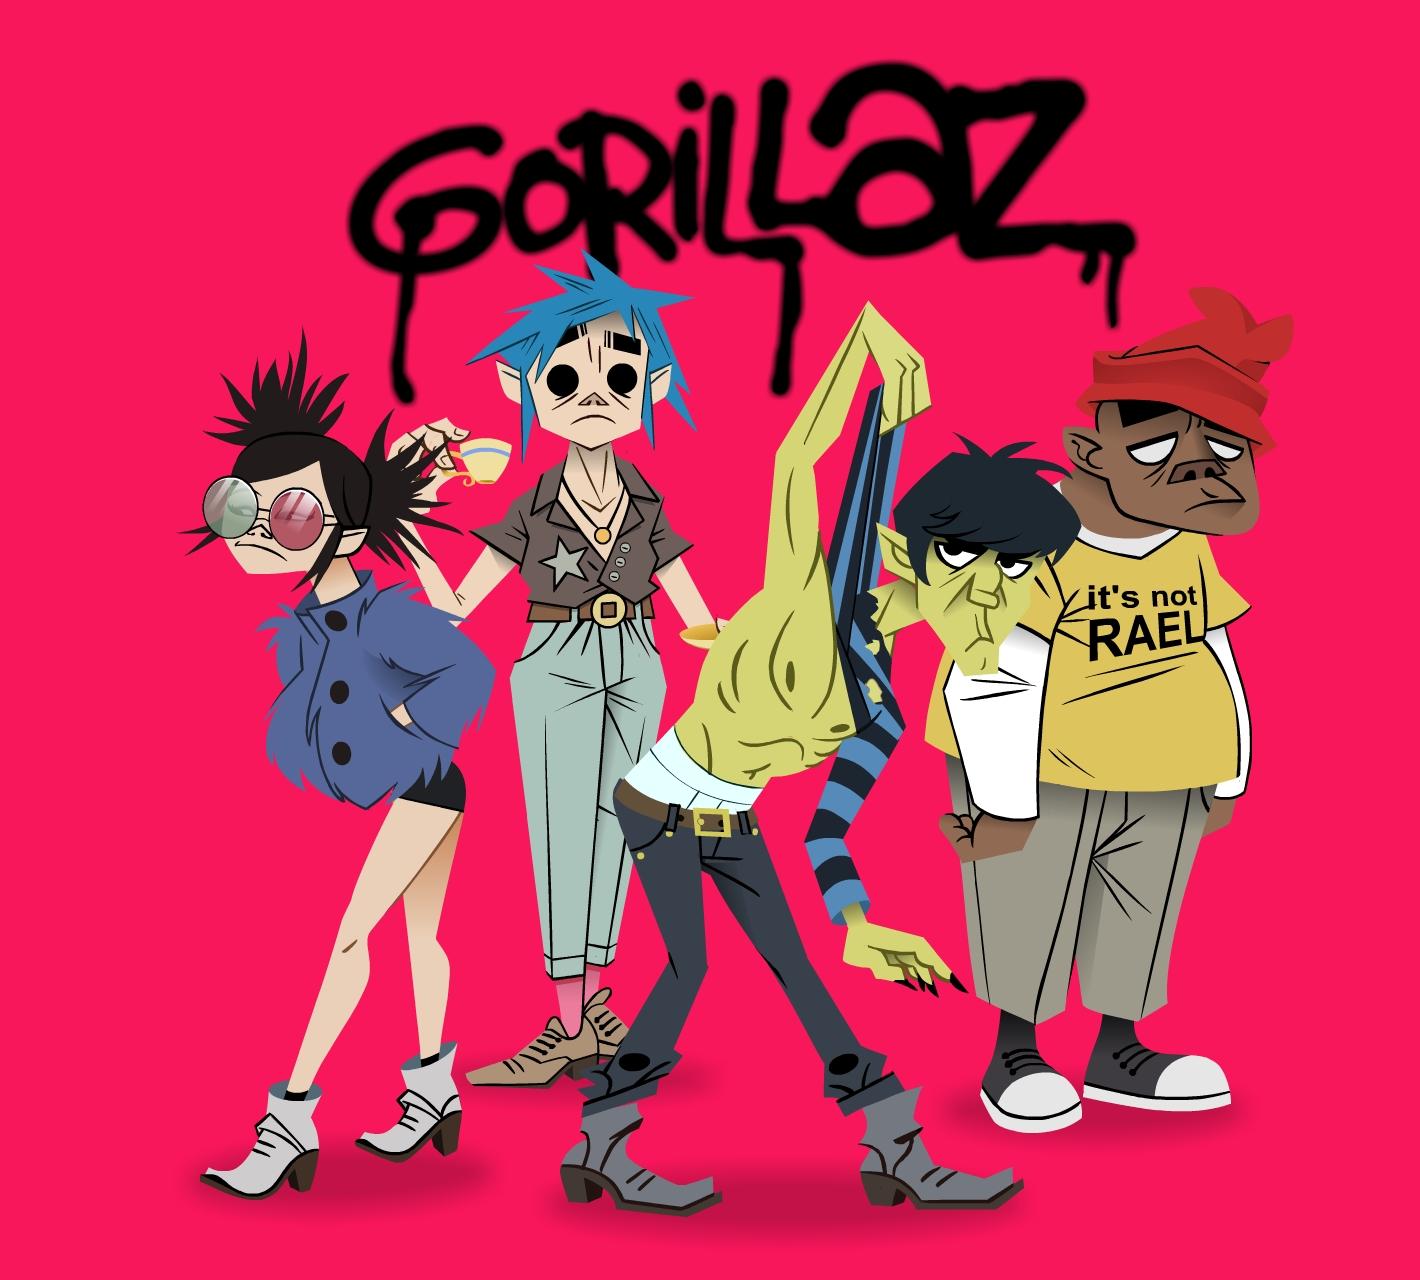 Gorillaz Tea Party